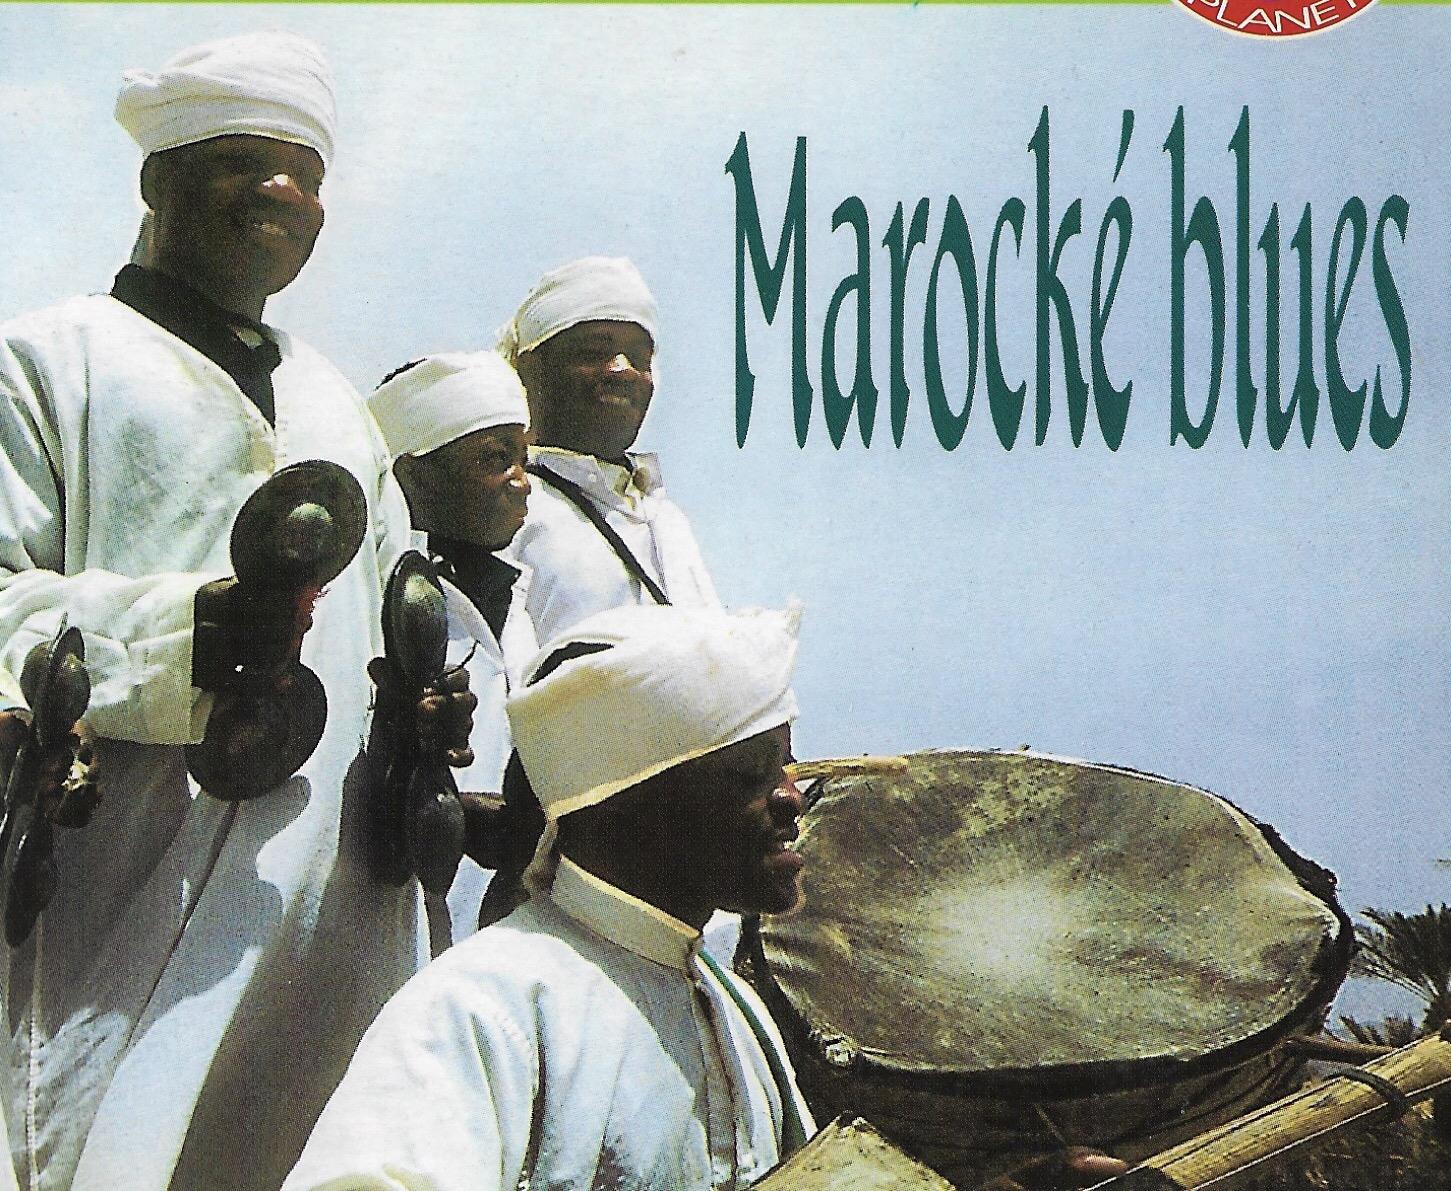 marockeblues